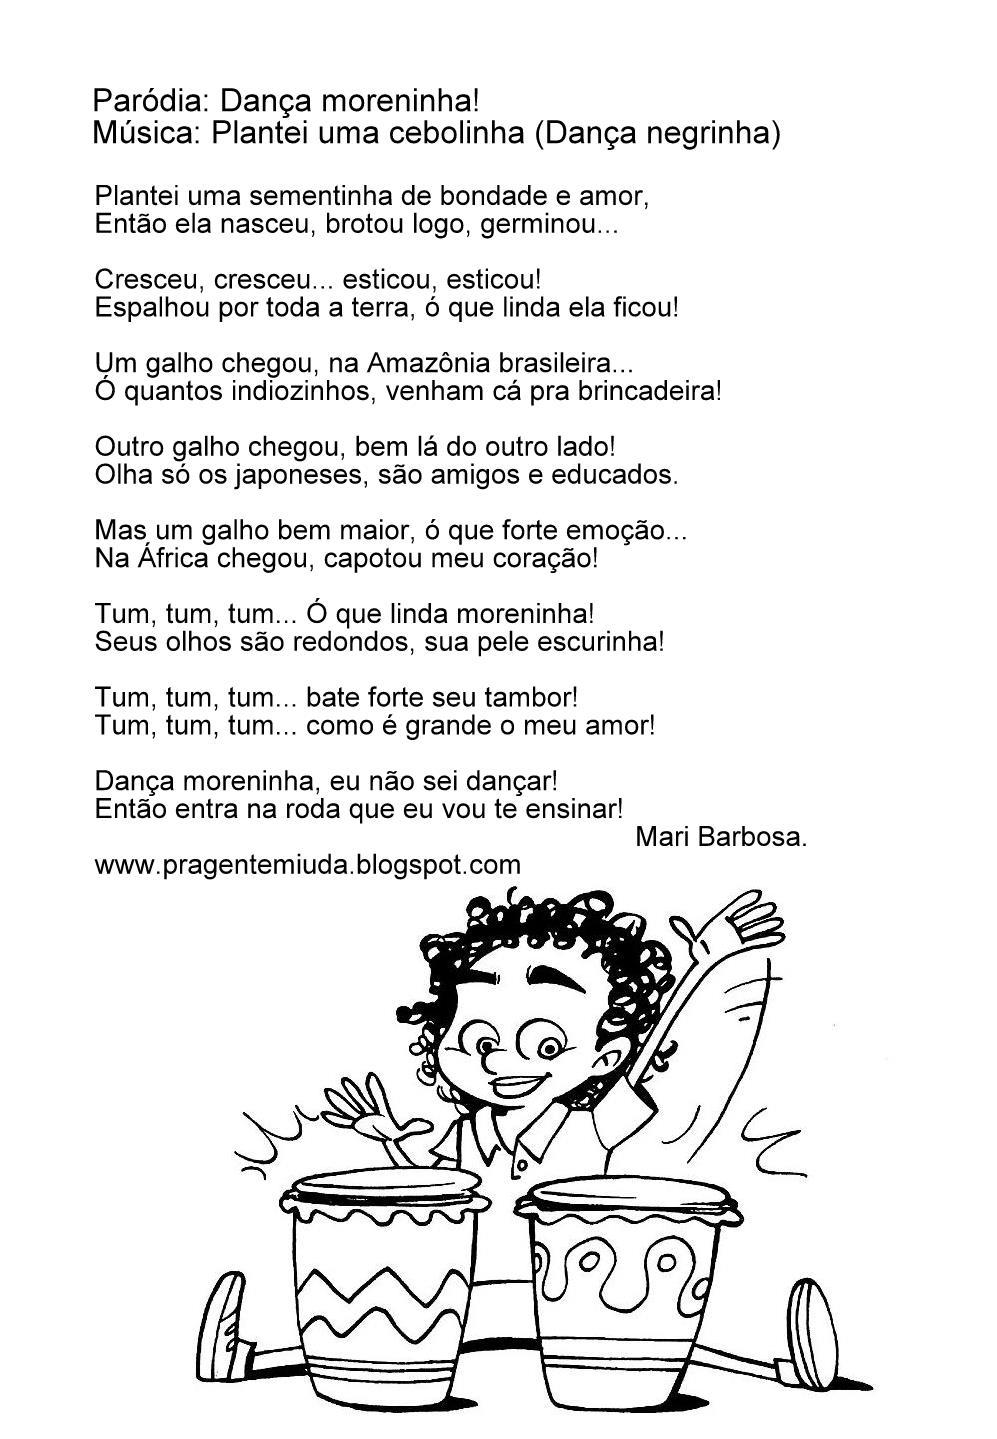 Paródia Ilustrada - Dança Moreninha!   Pra Gente Miúda